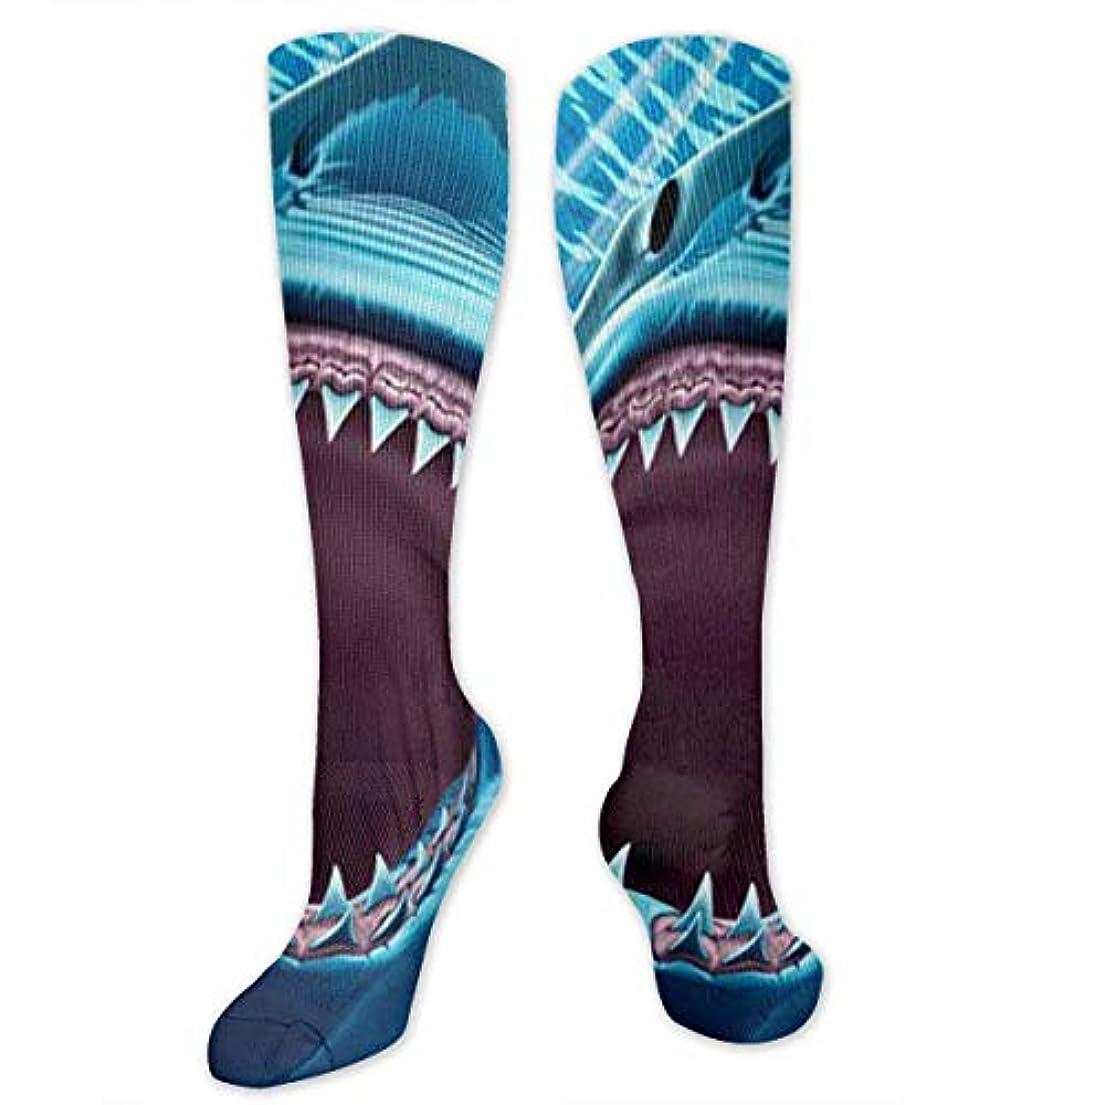 ましいフォージ衣類靴下,ストッキング,野生のジョーカー,実際,秋の本質,冬必須,サマーウェア&RBXAA Great White Shark Teeth Socks Women's Winter Cotton Long Tube Socks...